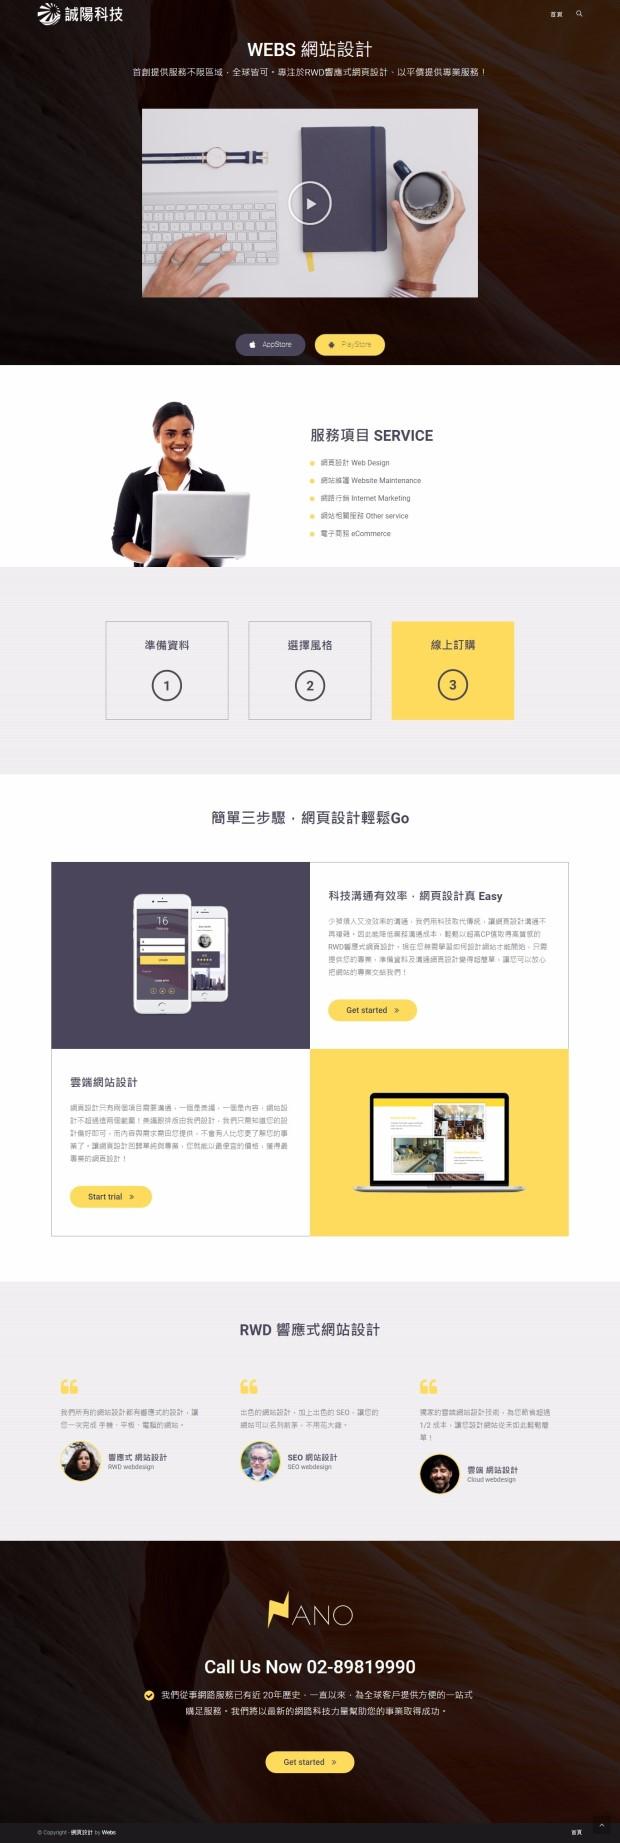 網頁設計-風格30-1